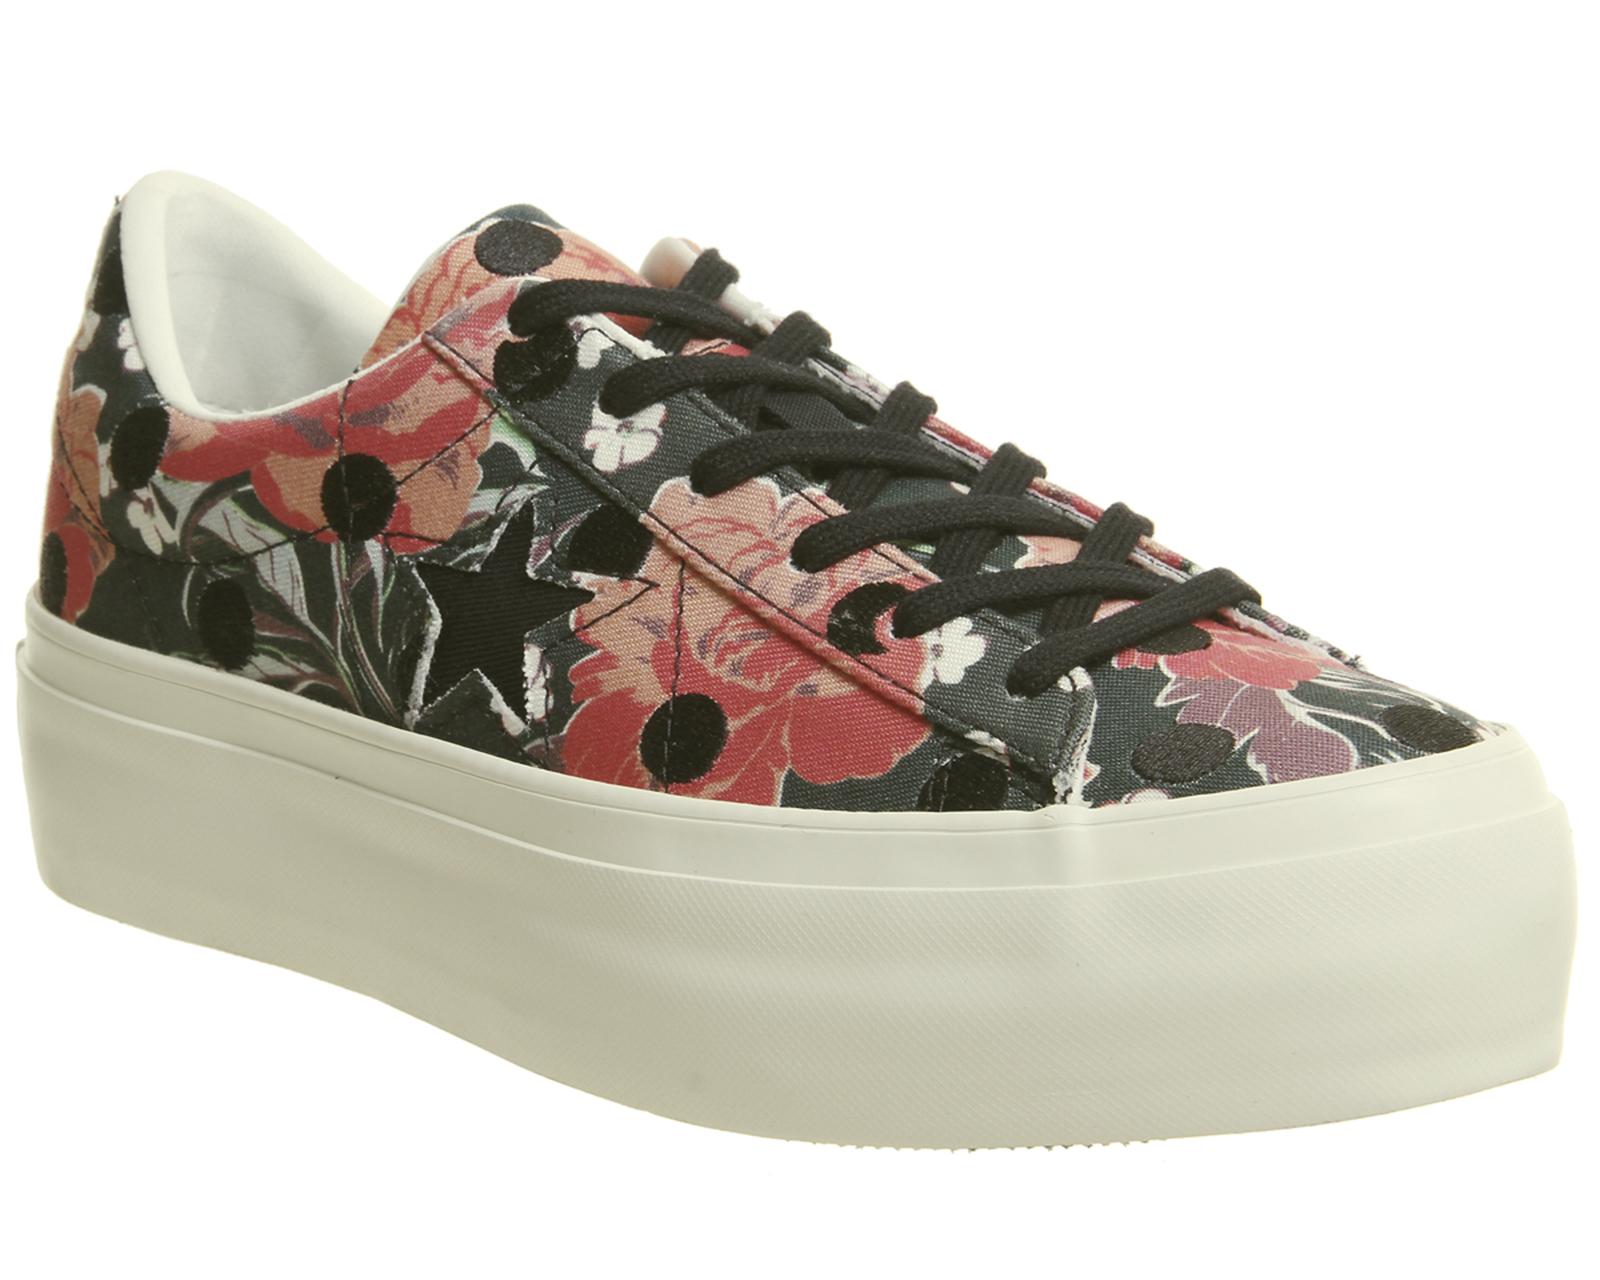 739195949e0c6 Détails sur Chaussures Femme Converse One Star Plateforme Noir Nectarine  Egret polka Floral Baskets Sh- afficher le titre d origine